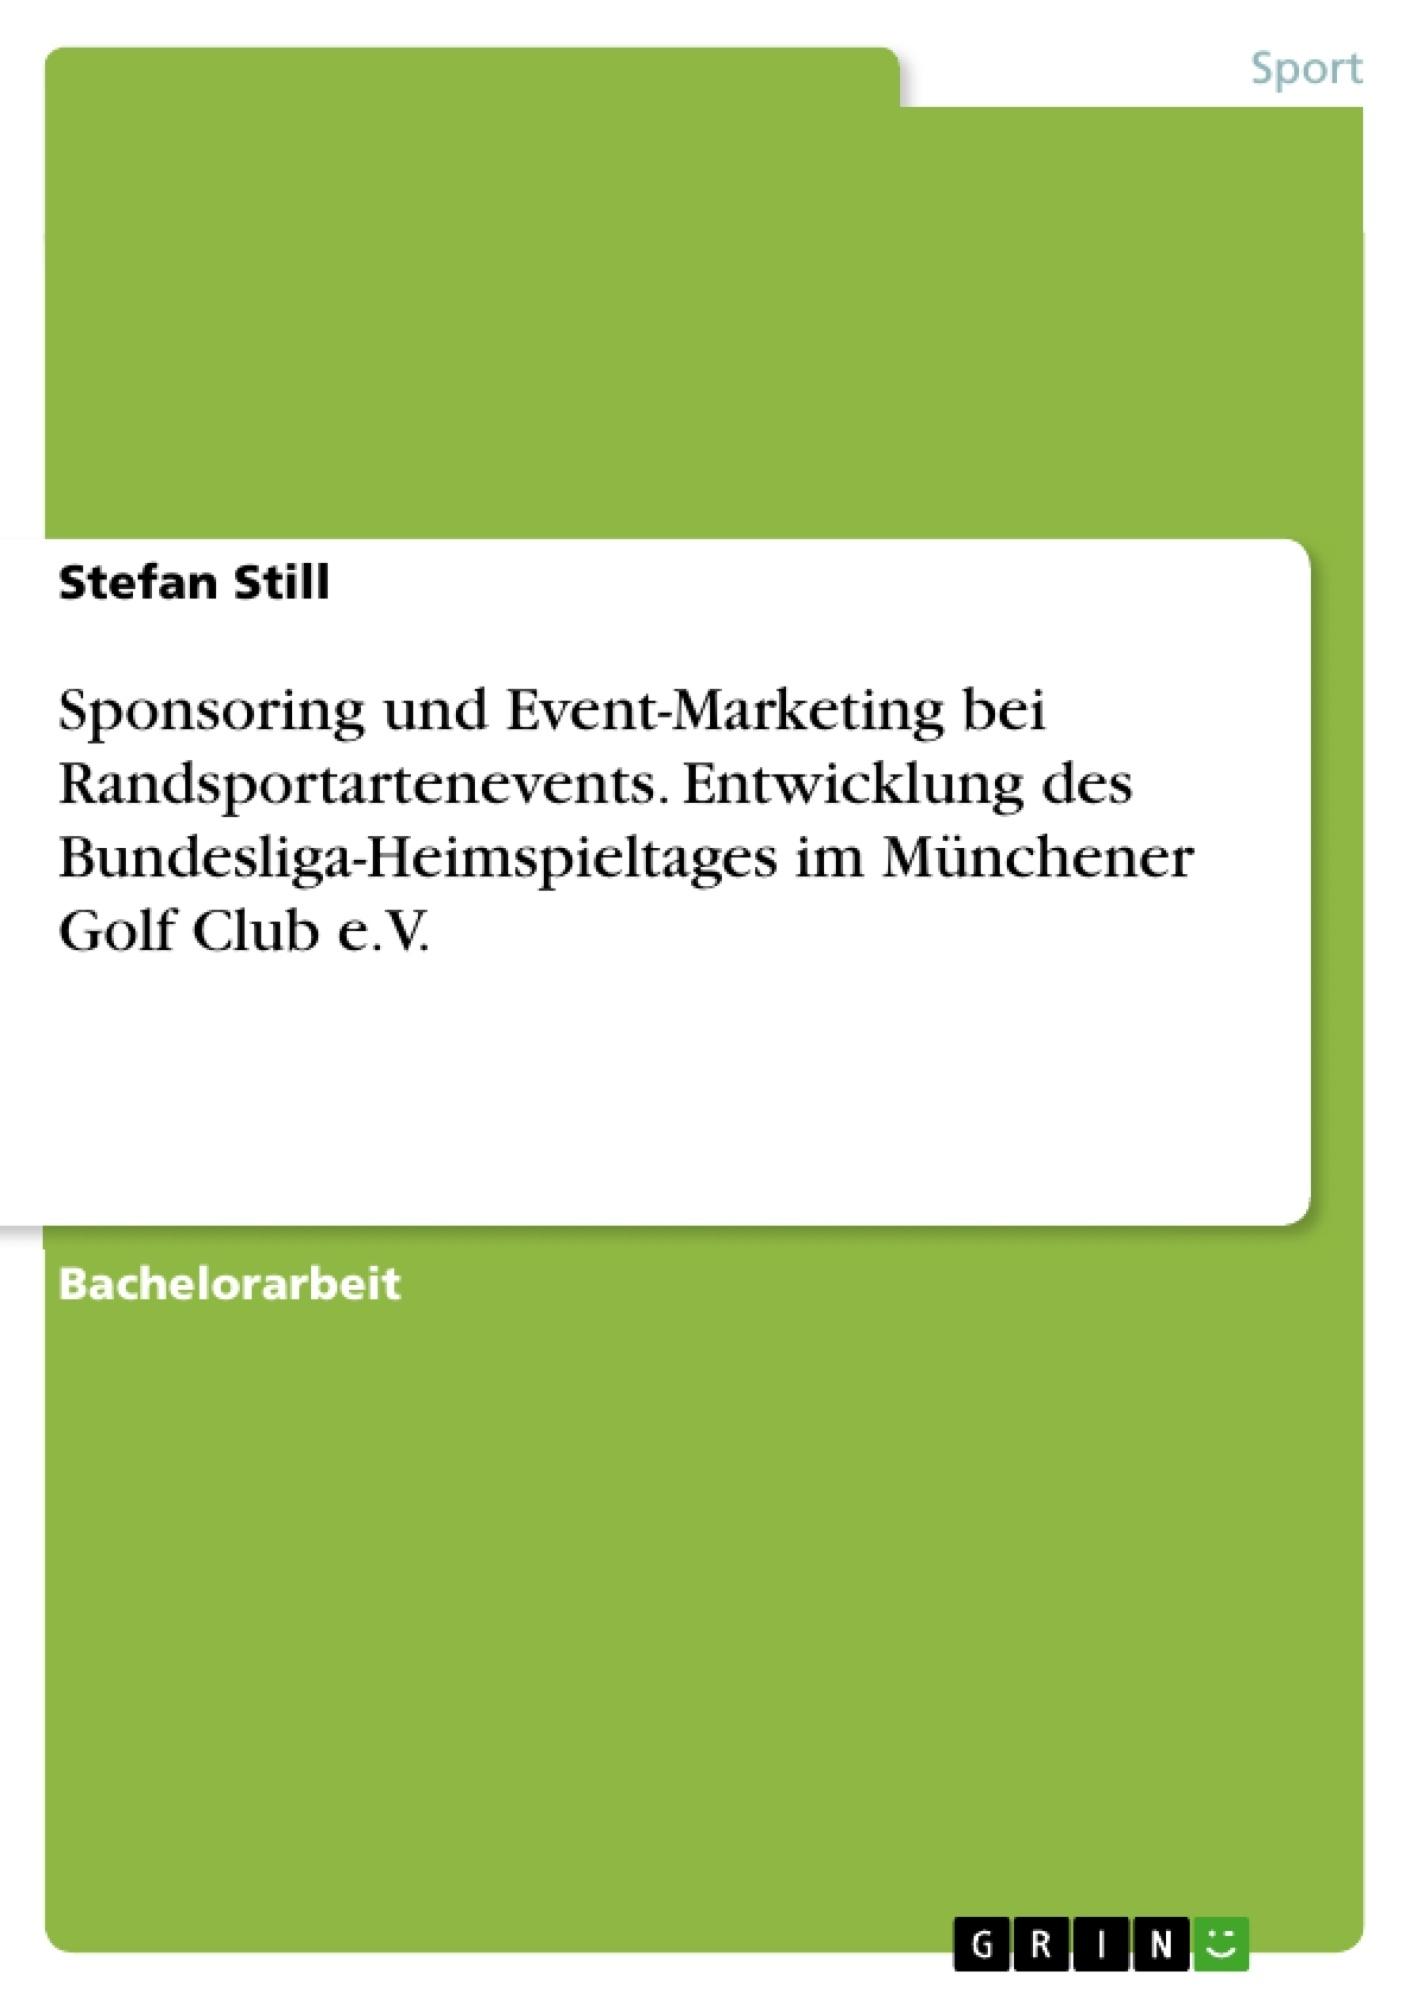 Titel: Sponsoring und Event-Marketing bei Randsportartenevents. Entwicklung des Bundesliga-Heimspieltages im Münchener Golf Club e.V.